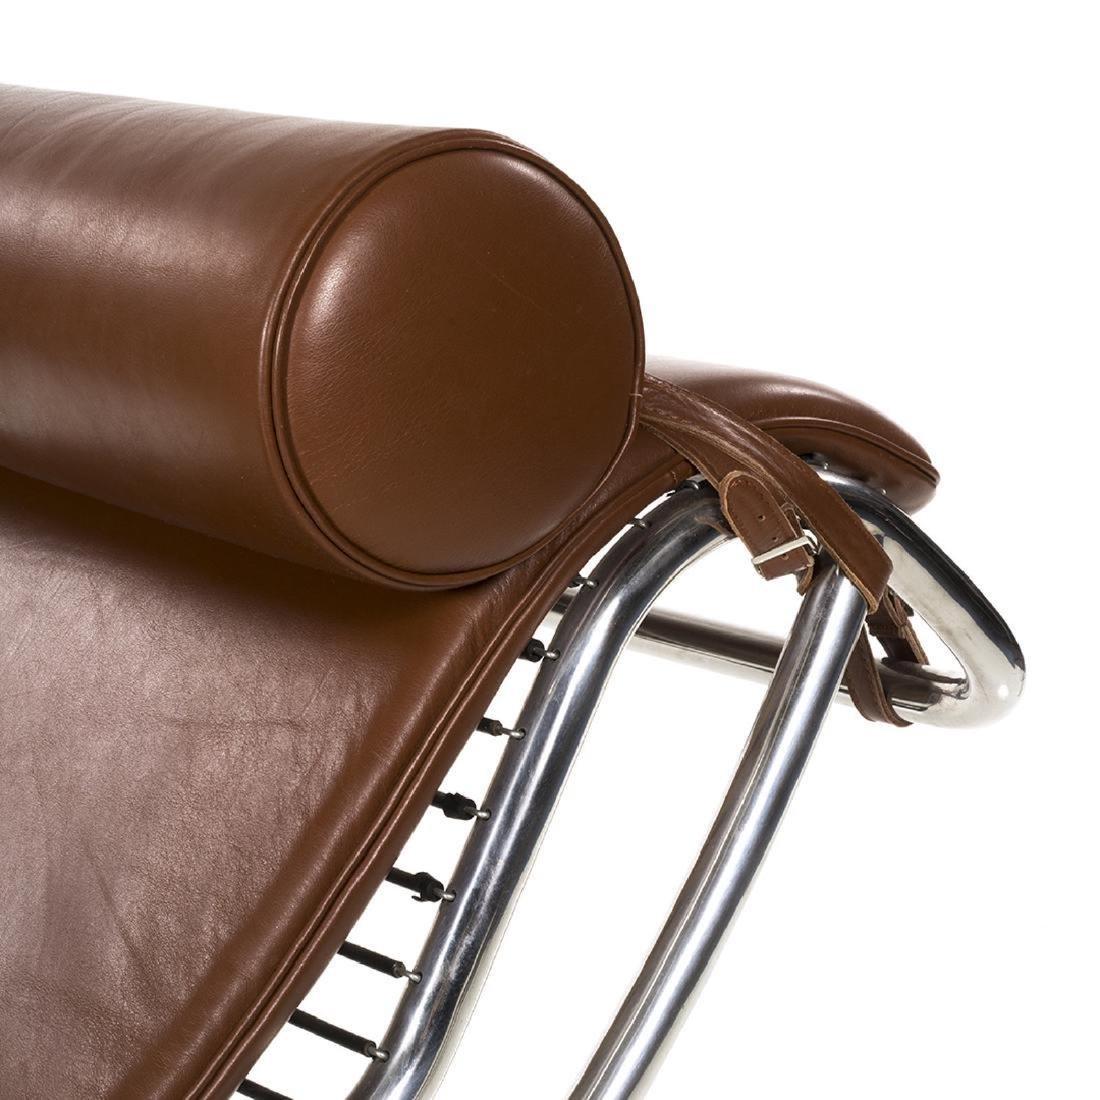 Le Corbusier Chaise Lounge - 4